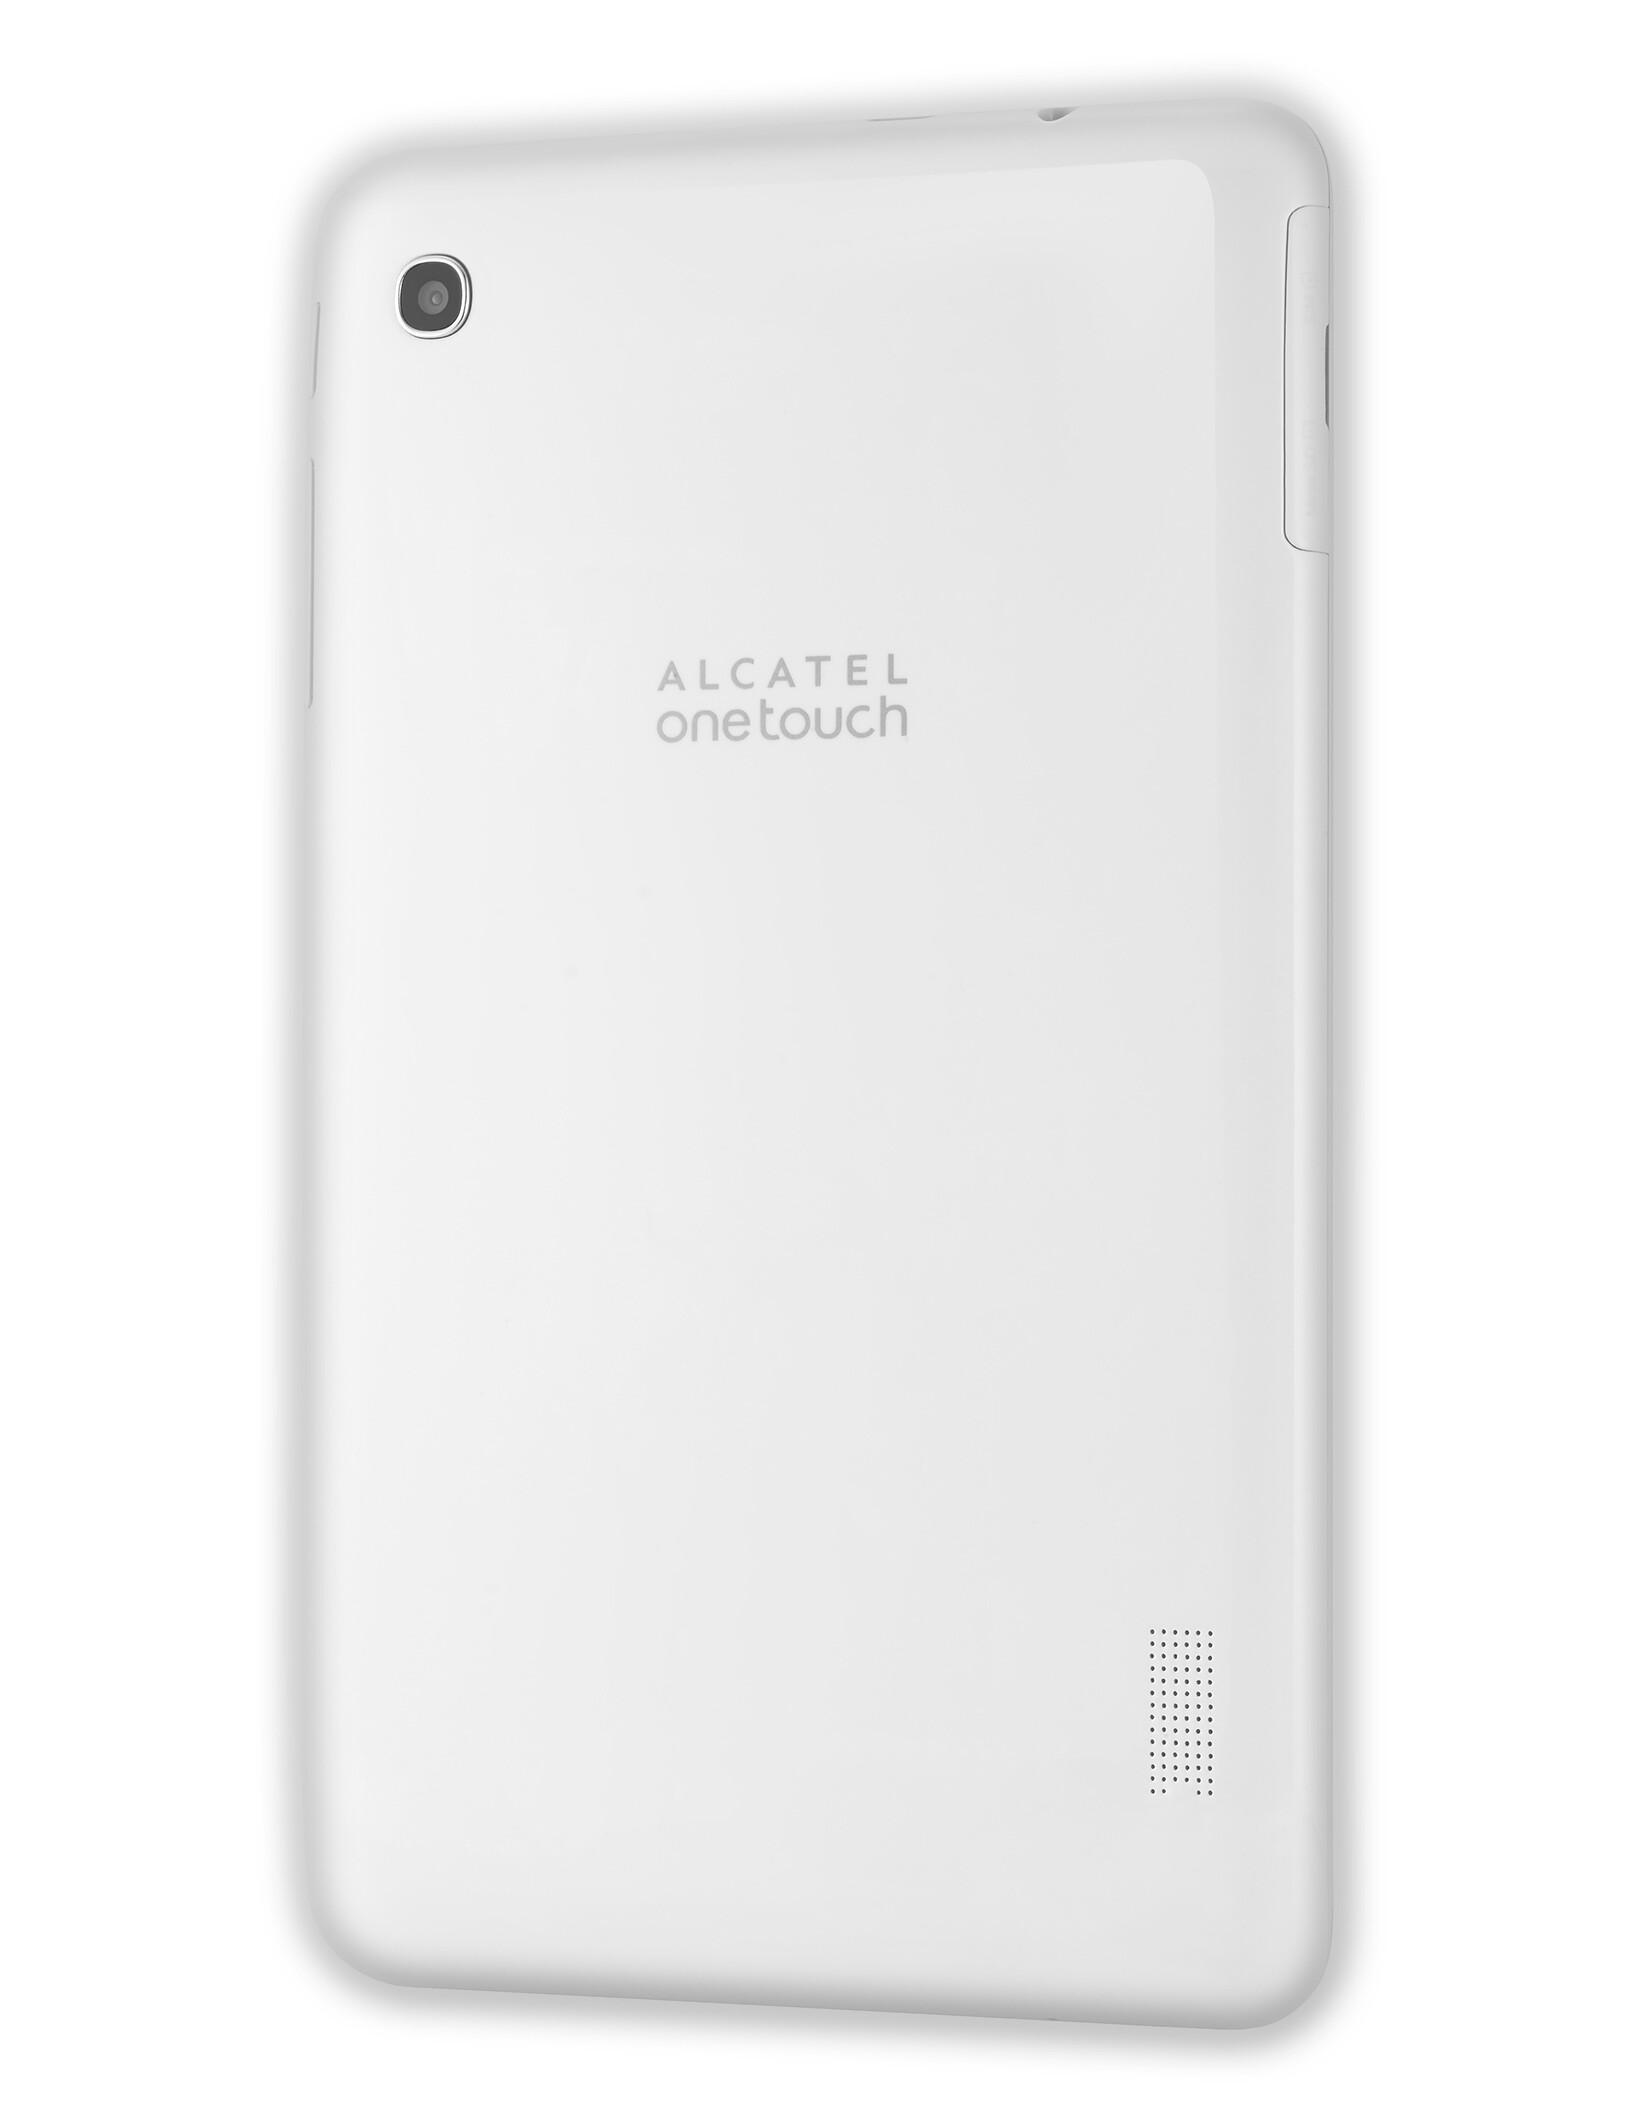 Alcatel Onetouch T Pop Specs - Imagez co